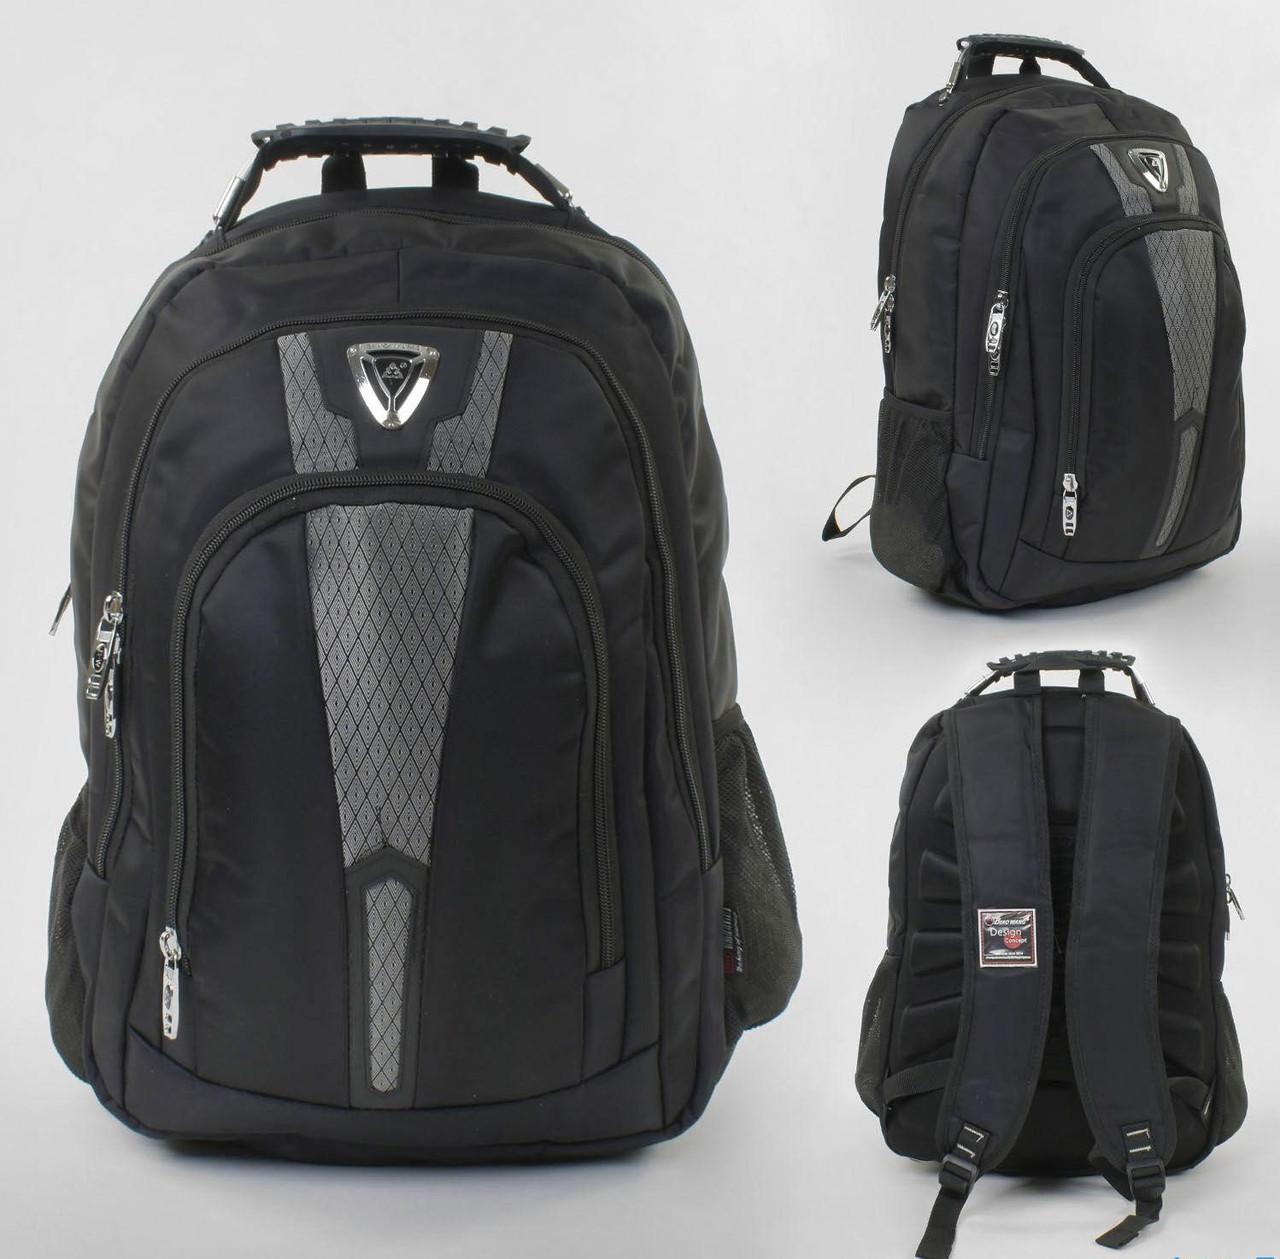 Рюкзак школьный 1 отделение, 2 кармана, массажная спинка, ручка с усилением 40 х 24 х 48 см